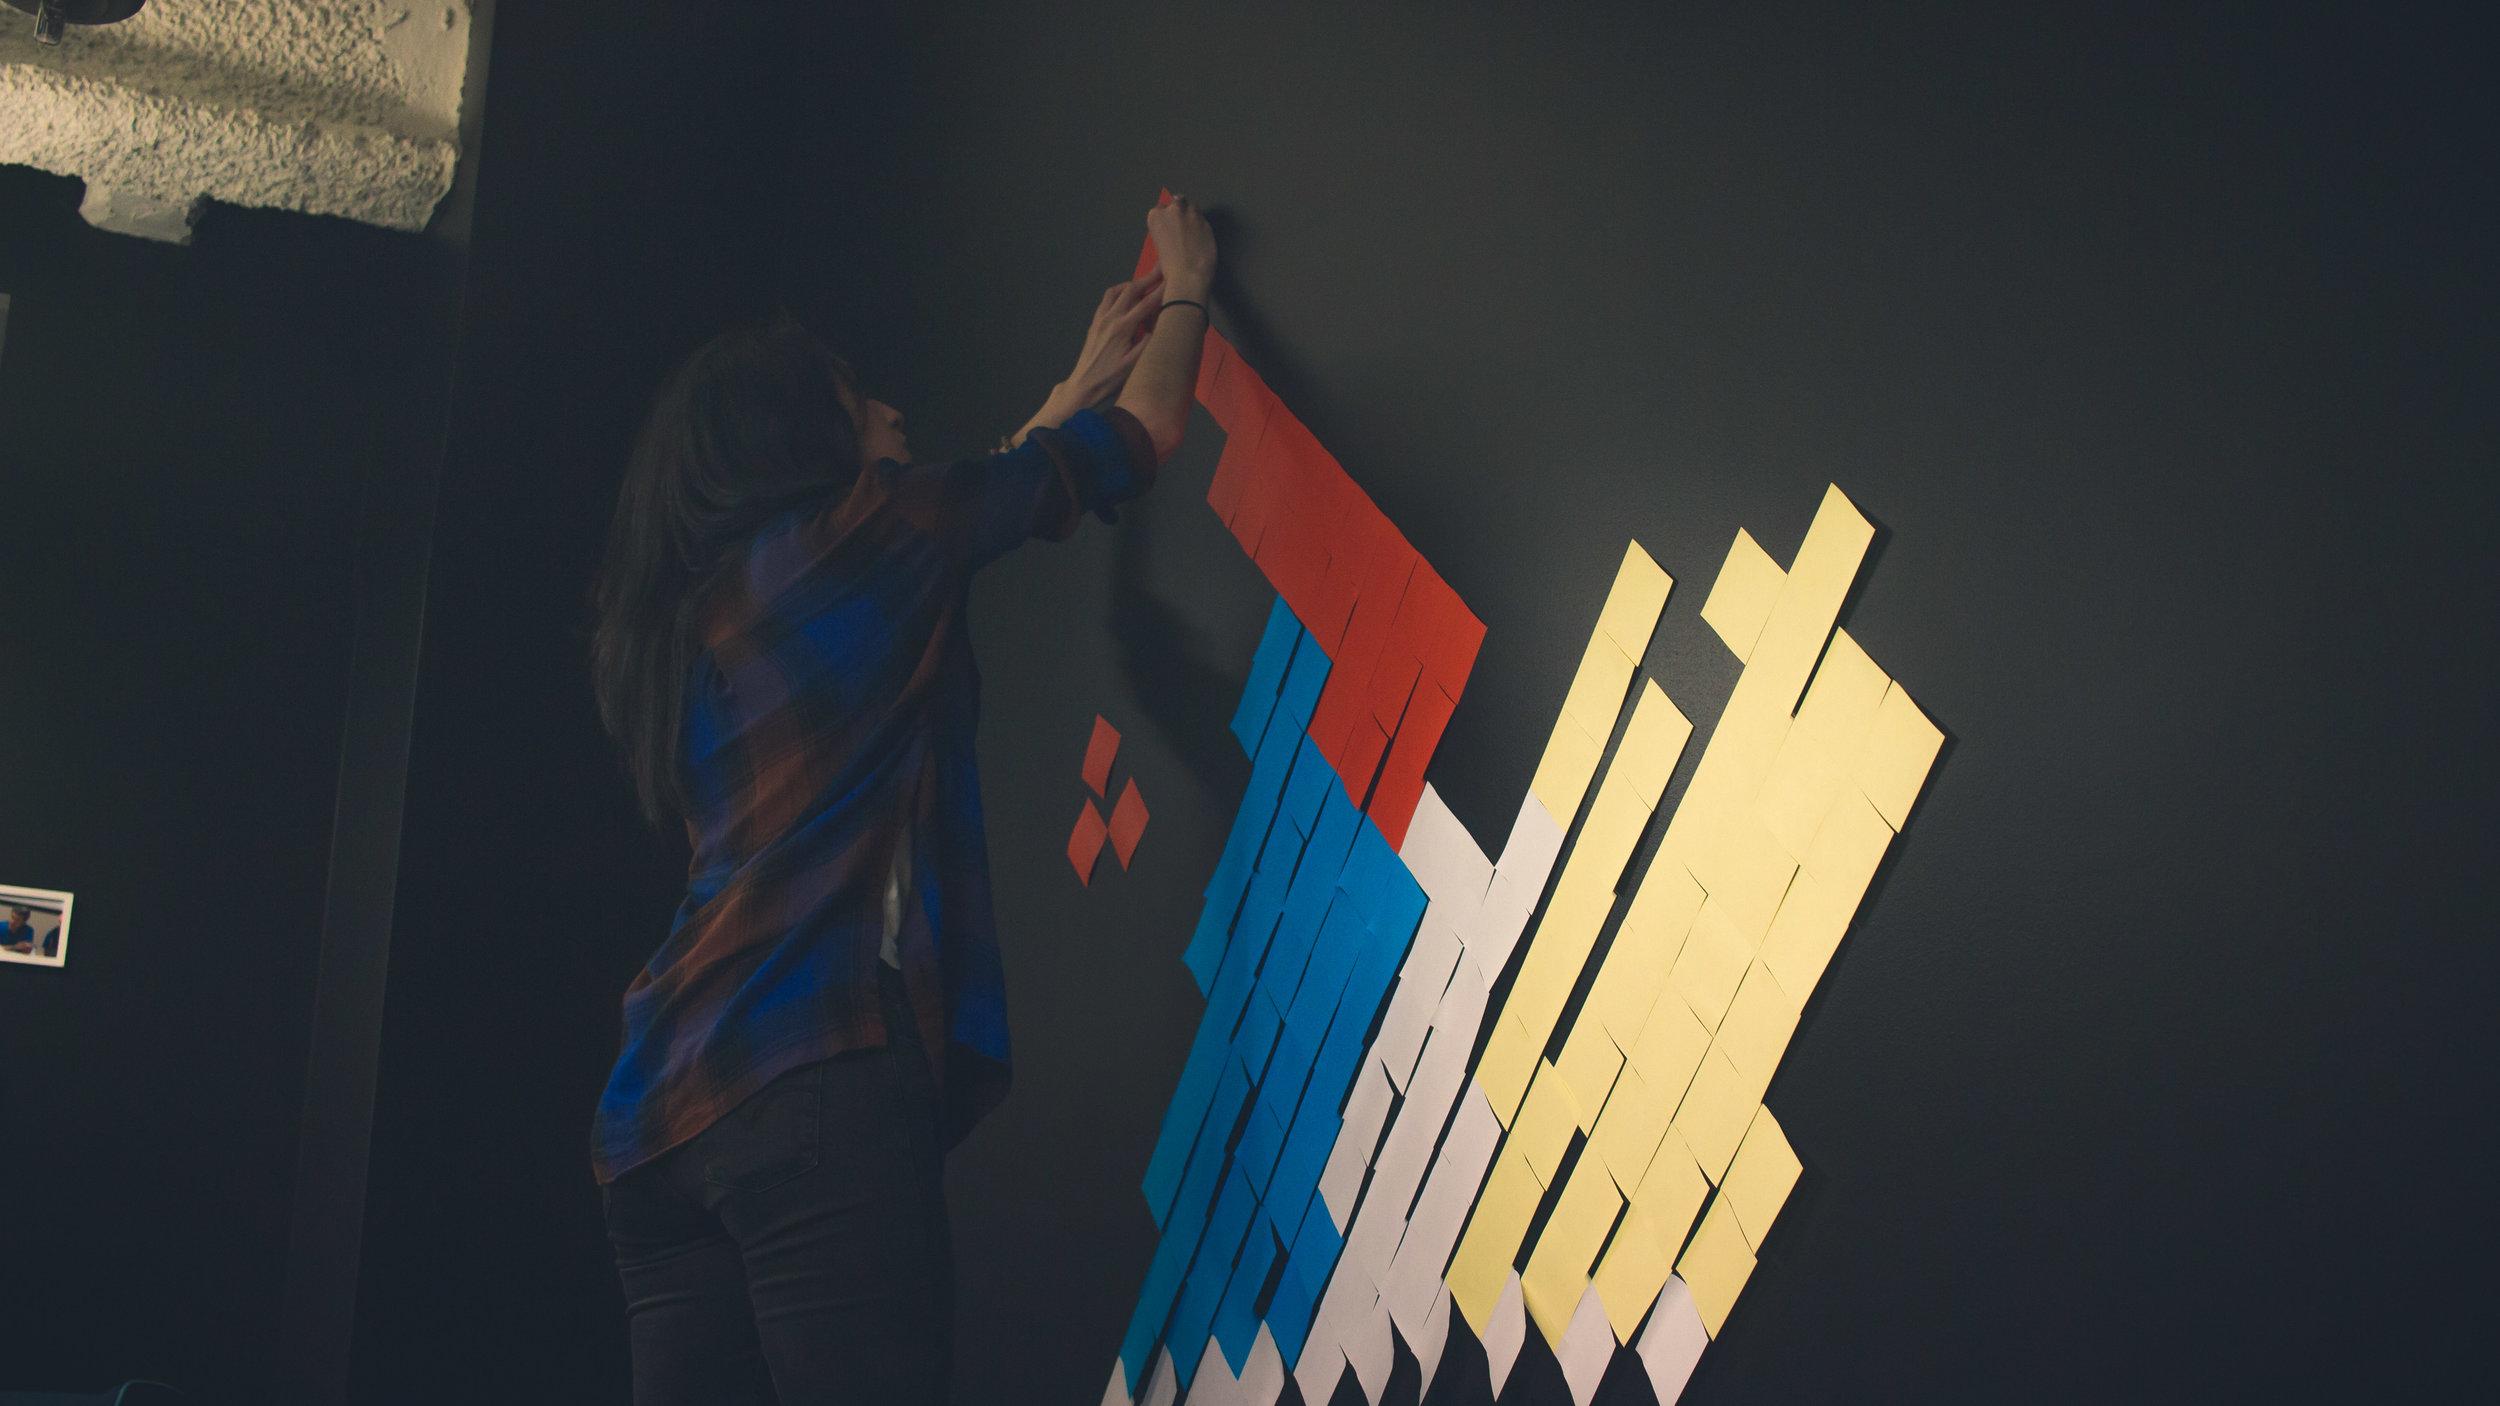 Post-it wall